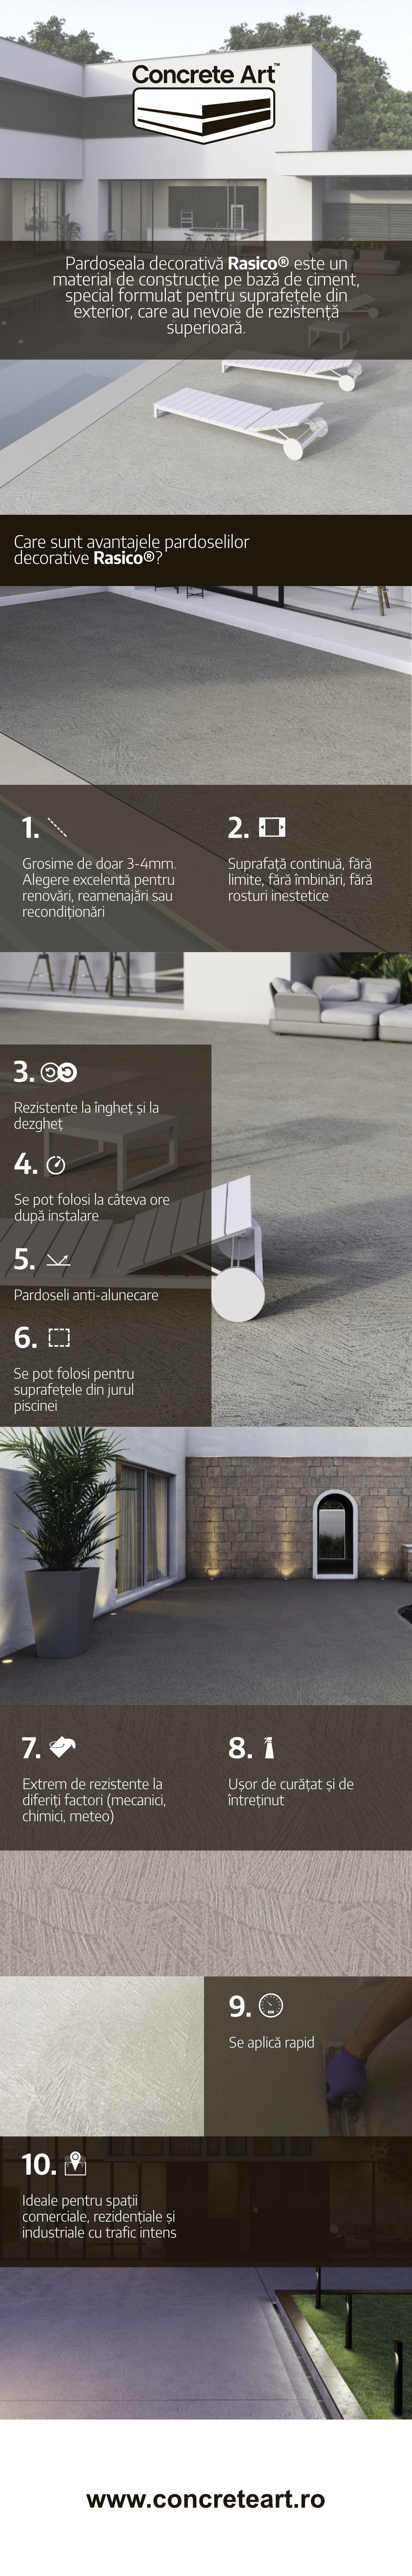 Infografic pardoseala decorativa pentru exterior | Concrete Art